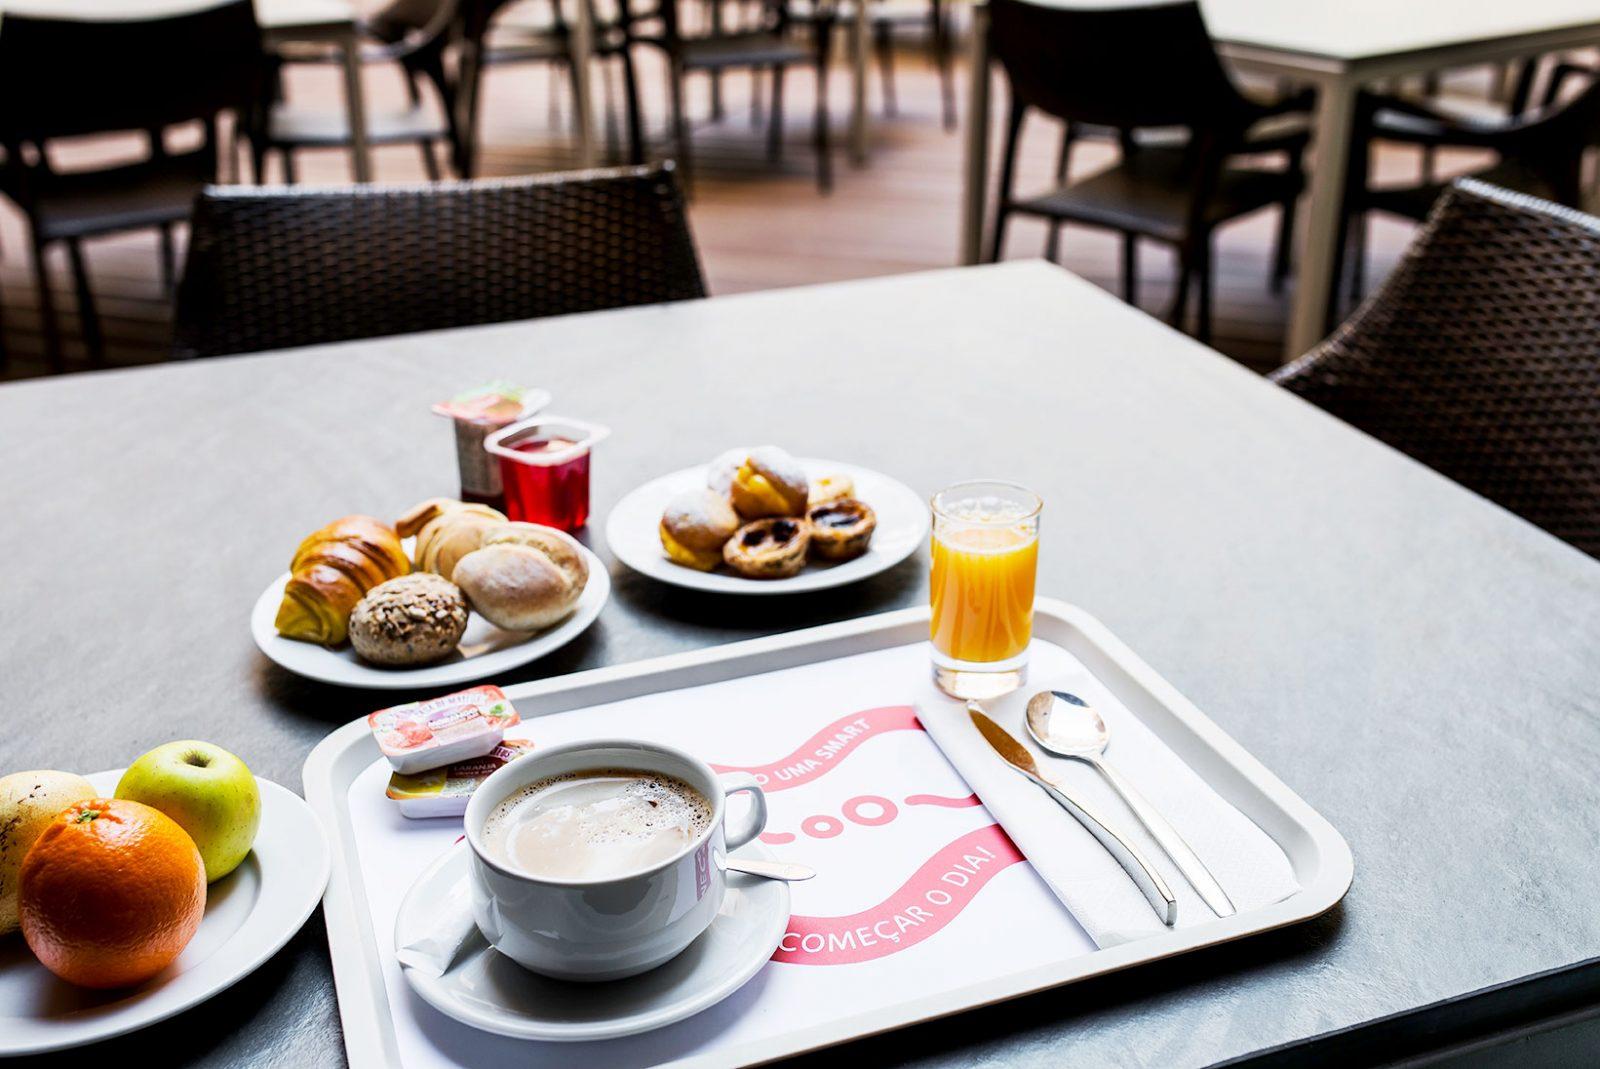 Hotel, Hotel Moov, Moov Hotel, Hotel Porto, Porto Hotel, Hotel Porto Económico, Hôtel Moov Porto Centro, Porto